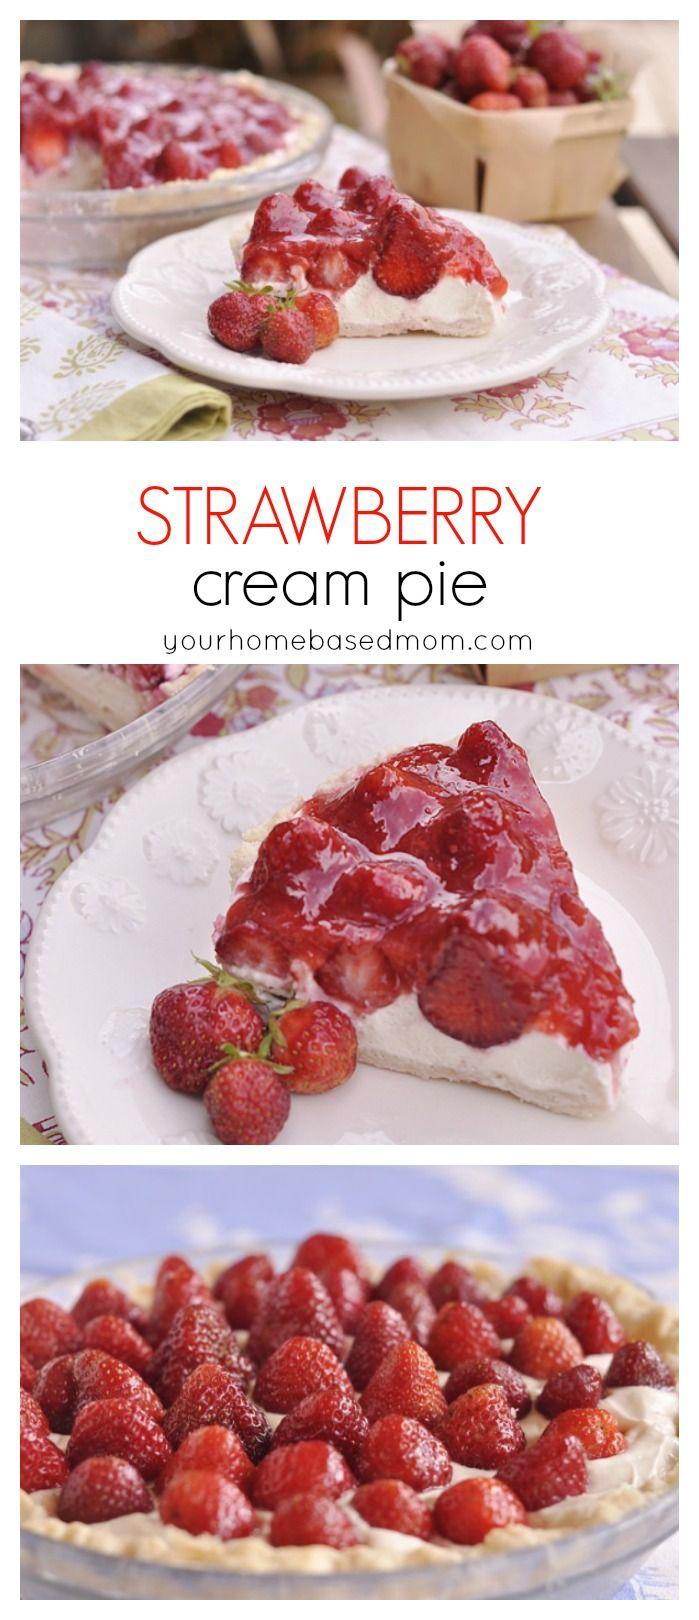 Strawberry Cream Pie @yourhomebasedmom.com